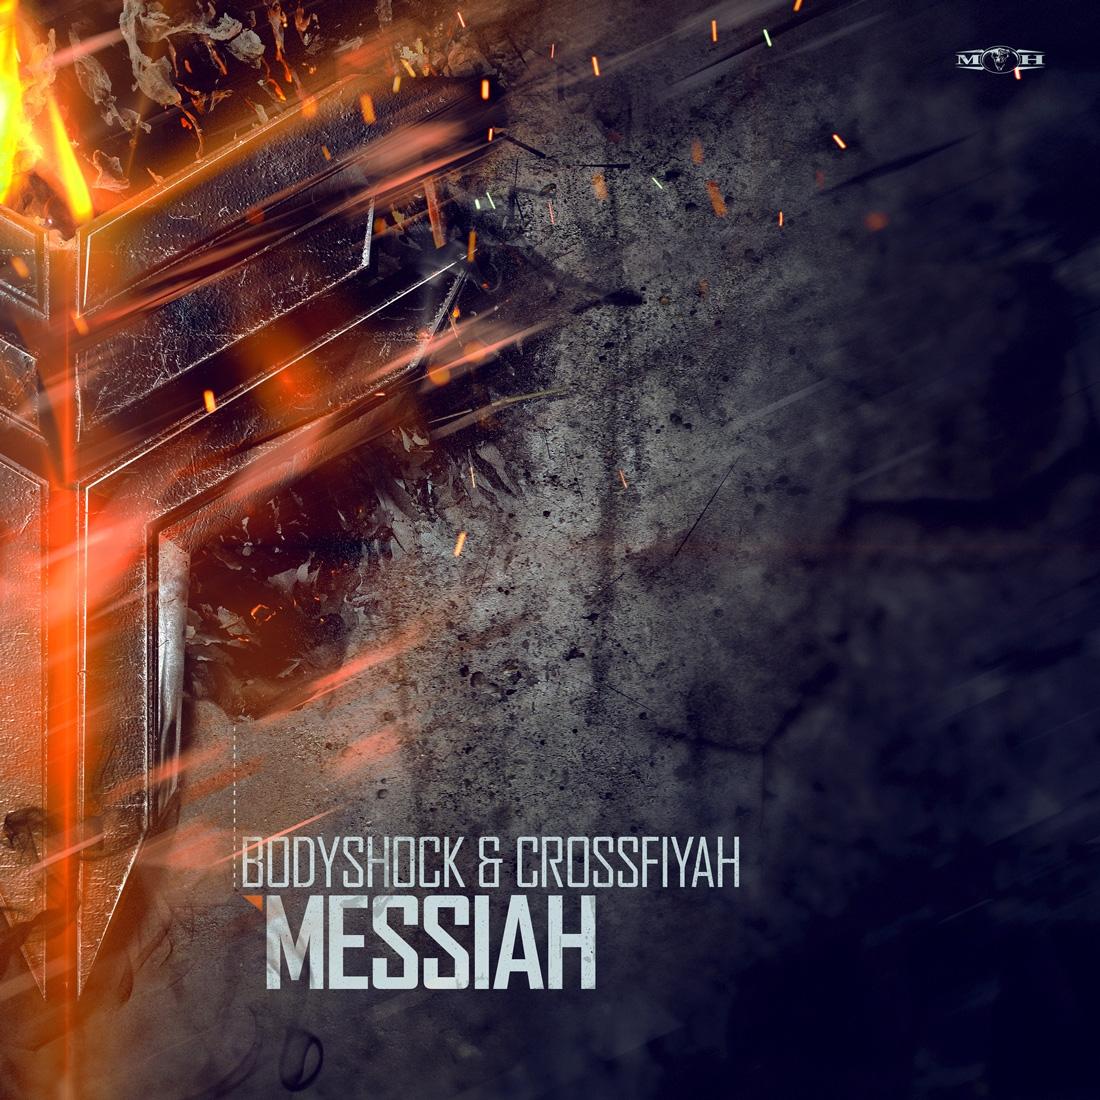 Crossfiyah Revolutionary Warfare